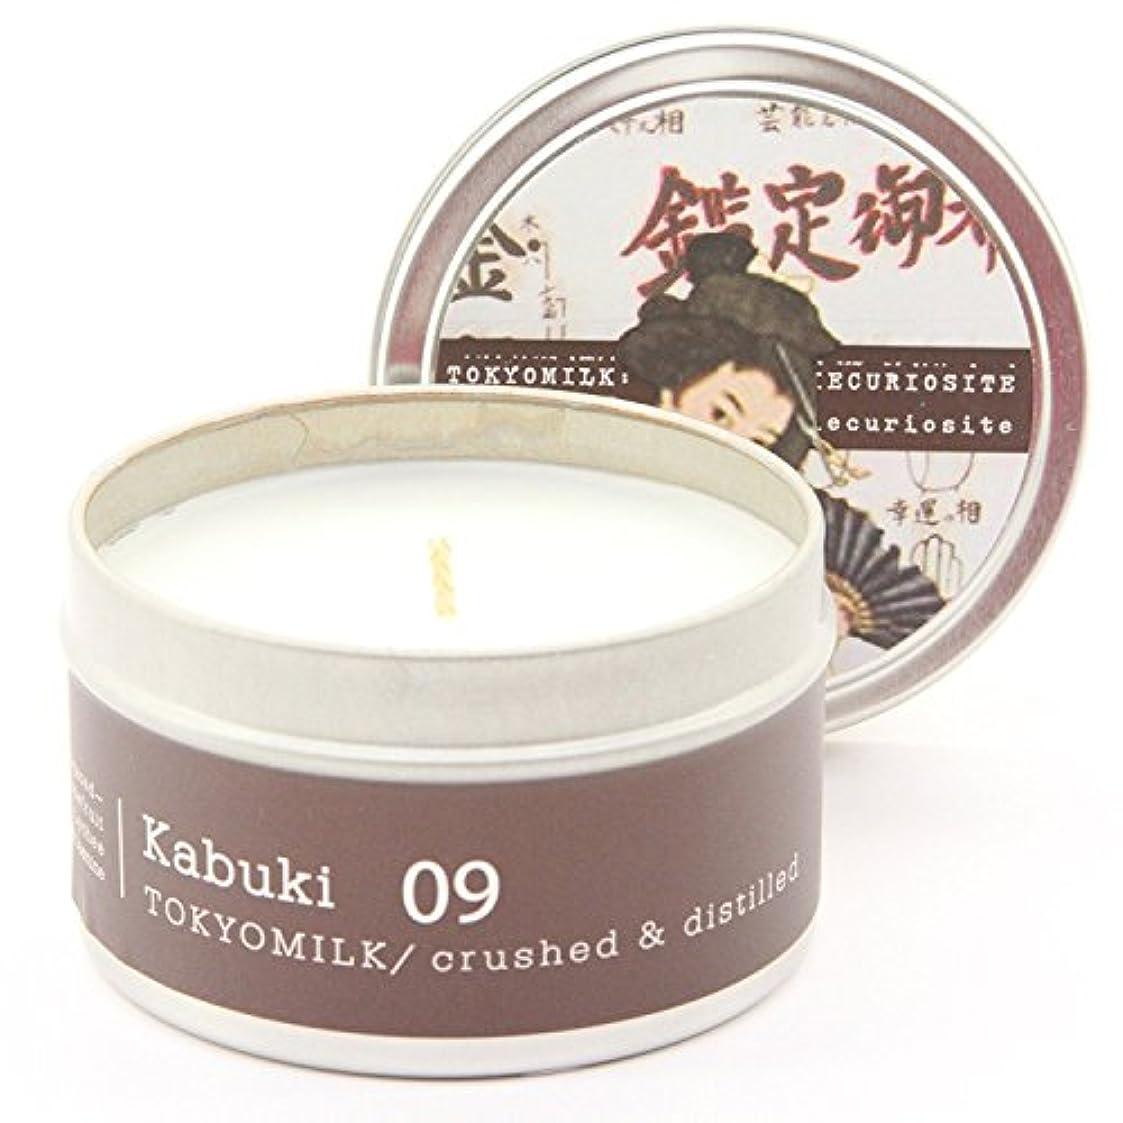 茎ショルダーずんぐりした東京ミルク's 6 oz Tin Candle